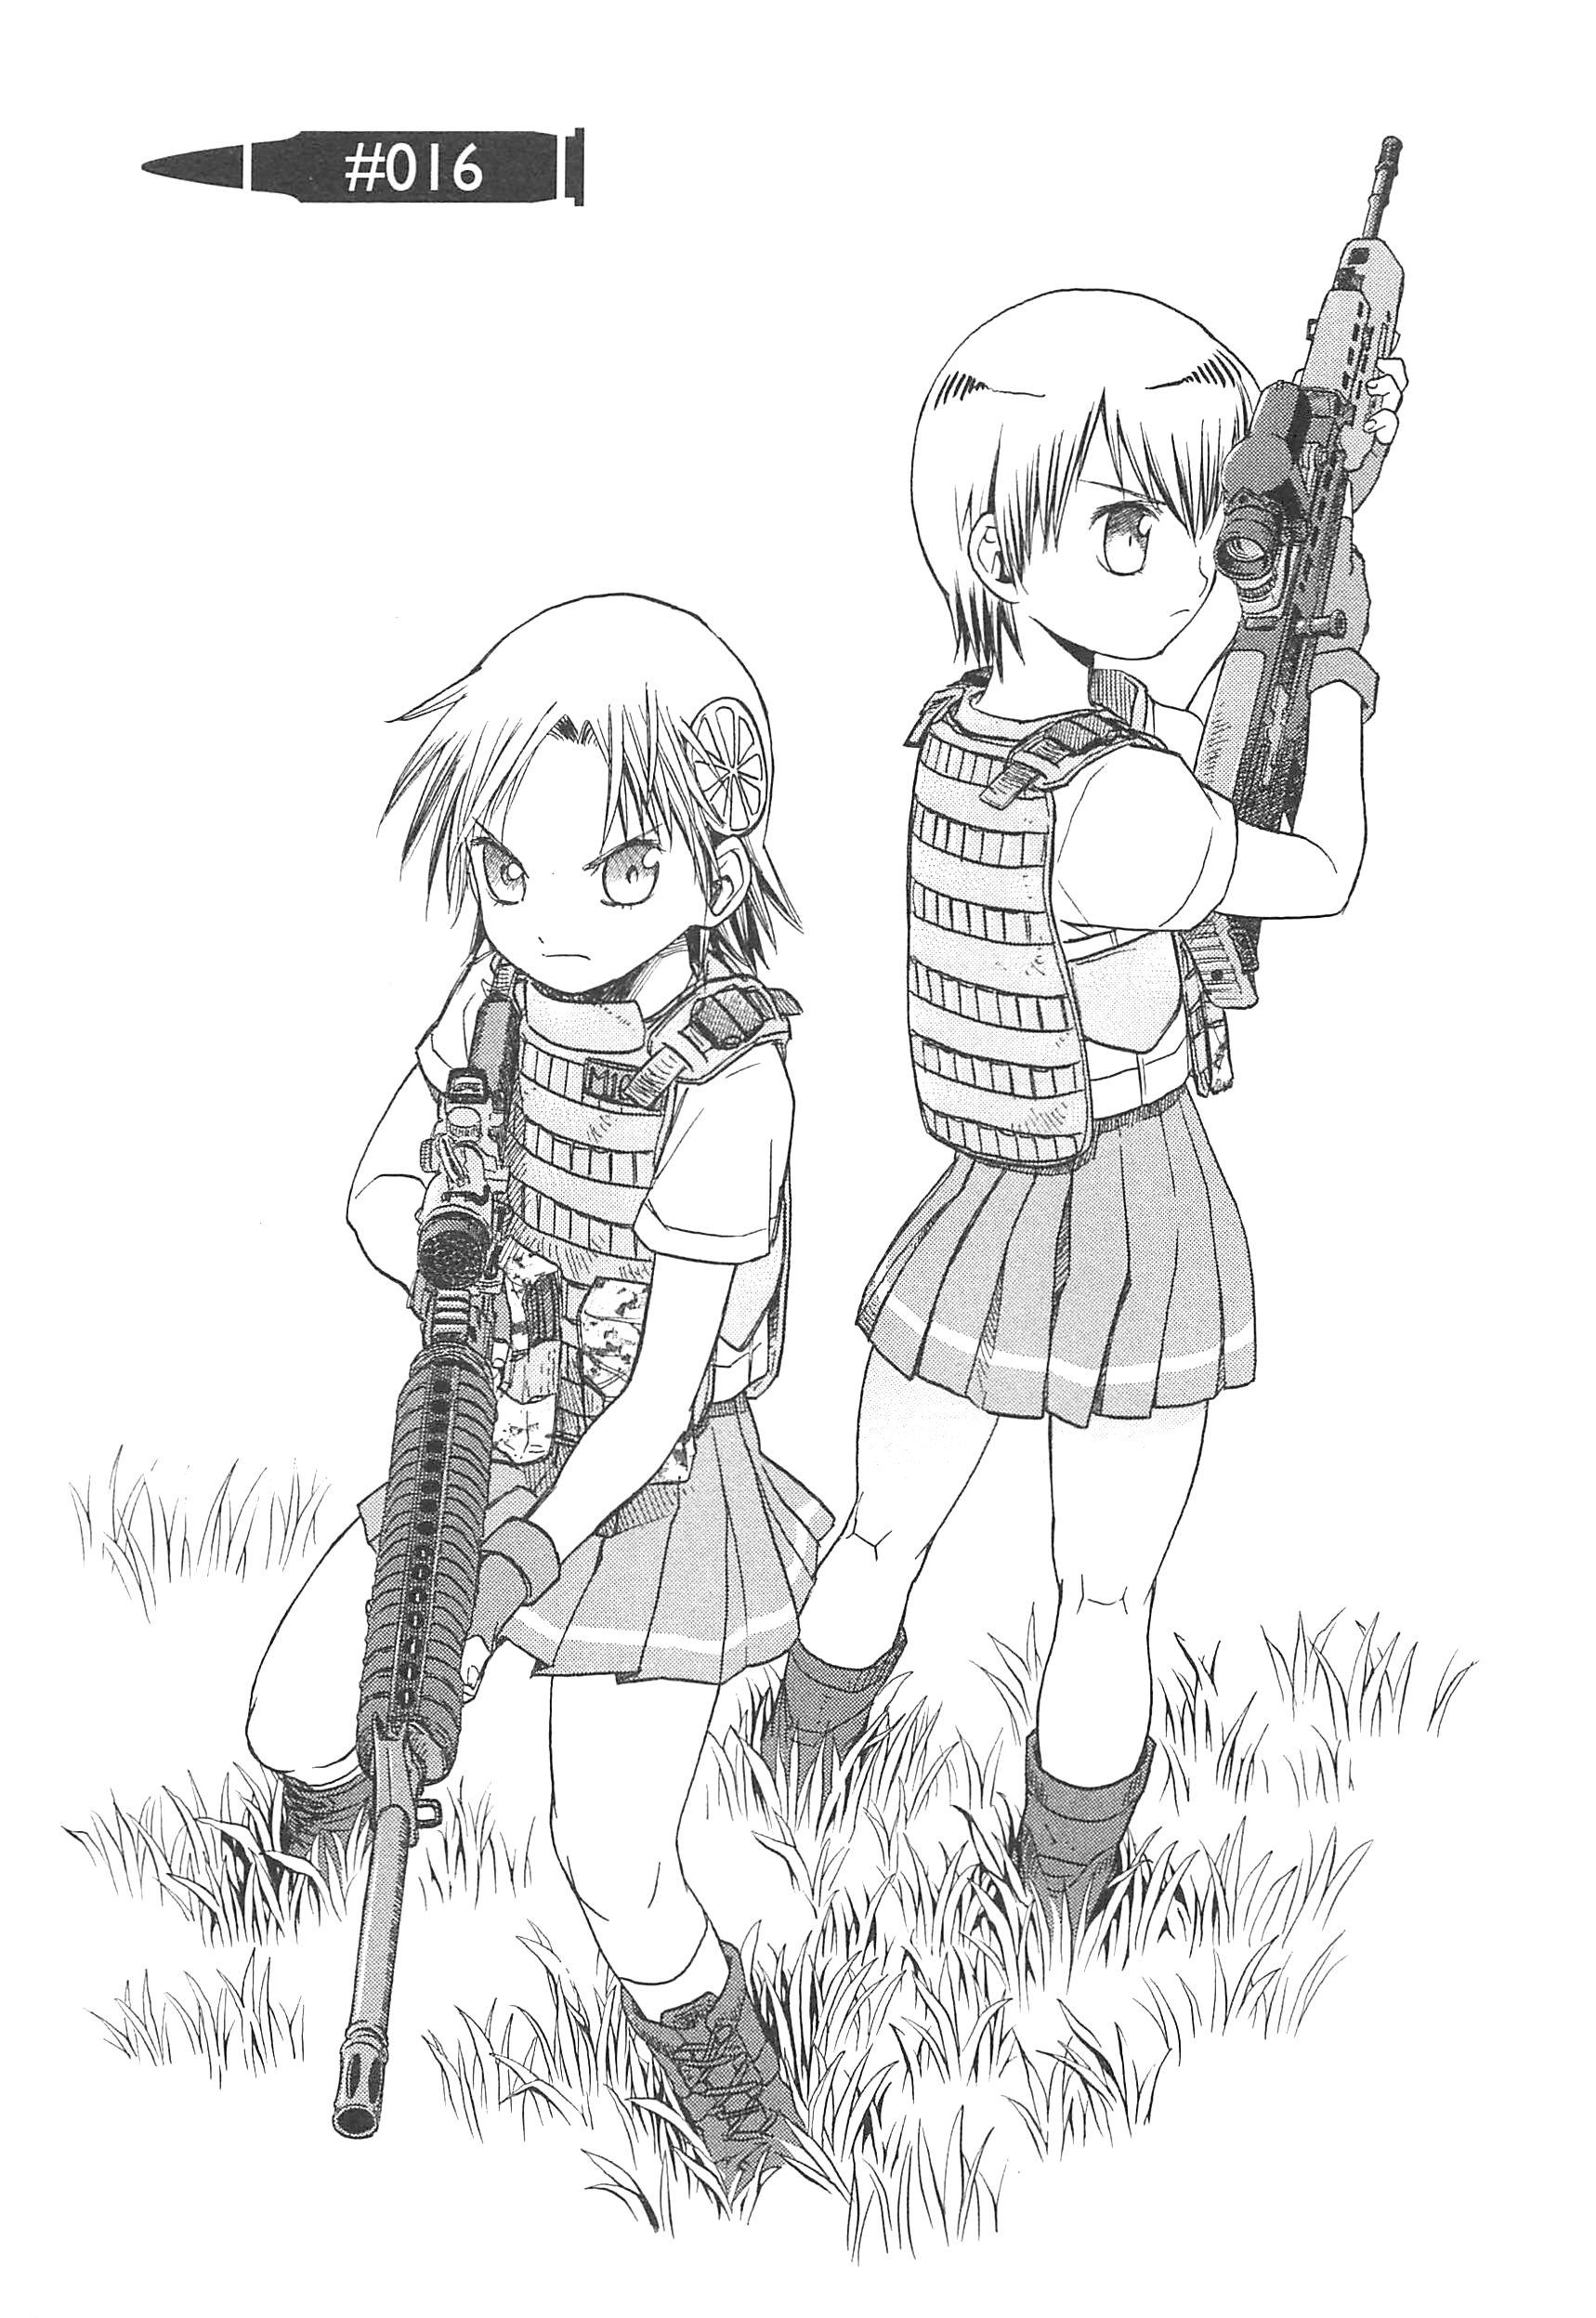 OptionalTypo - Zerochan Anime Image Board